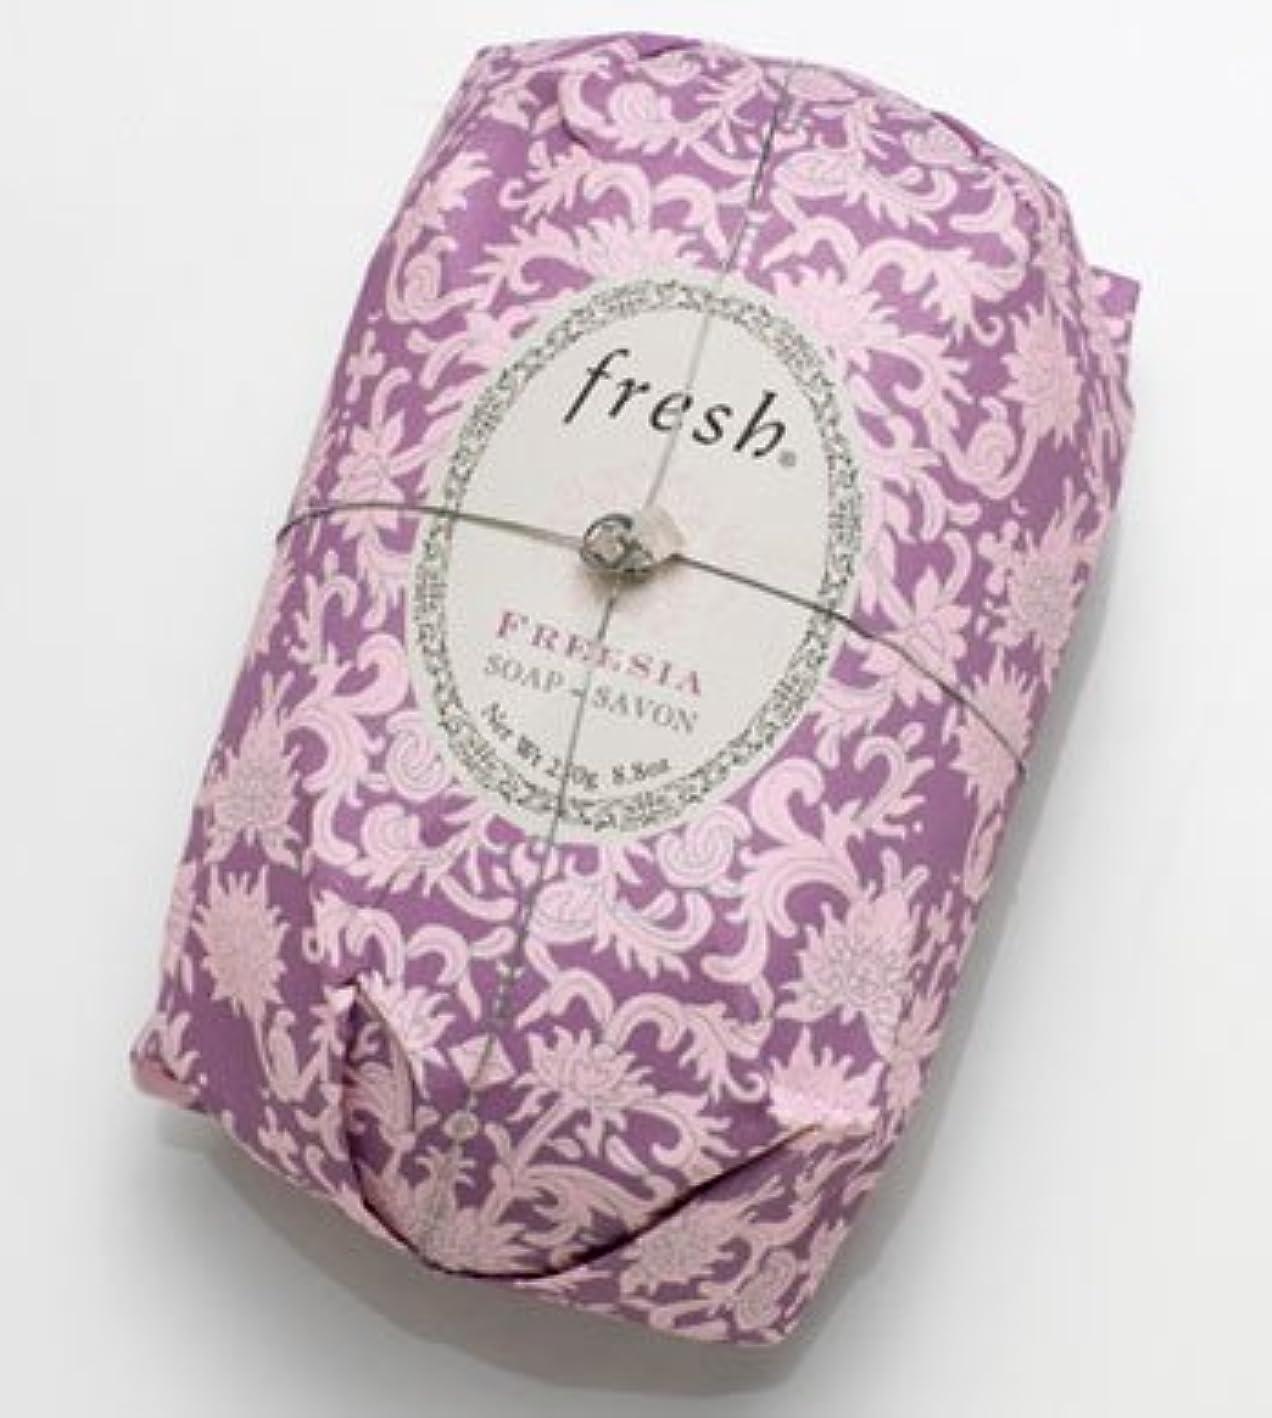 財産亡命周波数Fresh FREESIA  SOAP (フレッシュ フリージア ソープ) 8.8 oz (250g) Soap (石鹸) by Fresh